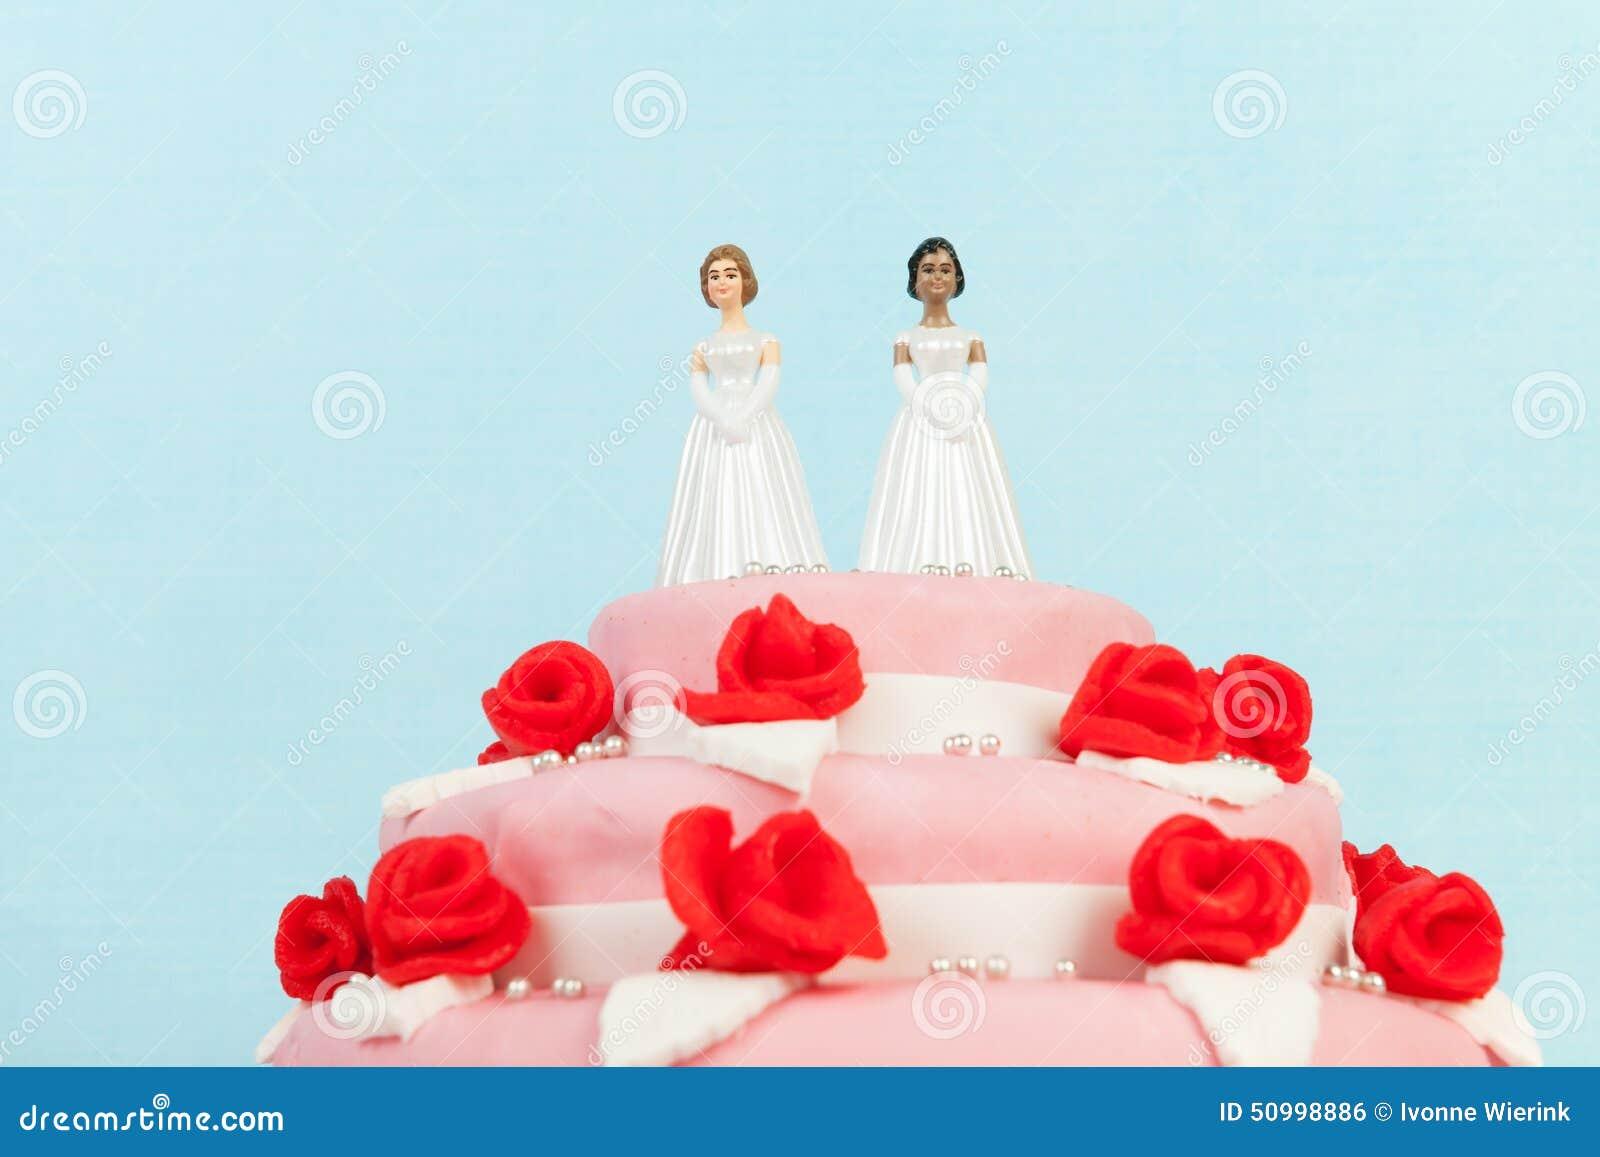 Hochzeitstorte Mit Lesbischen Paaren Stockfoto Bild Von Essbar